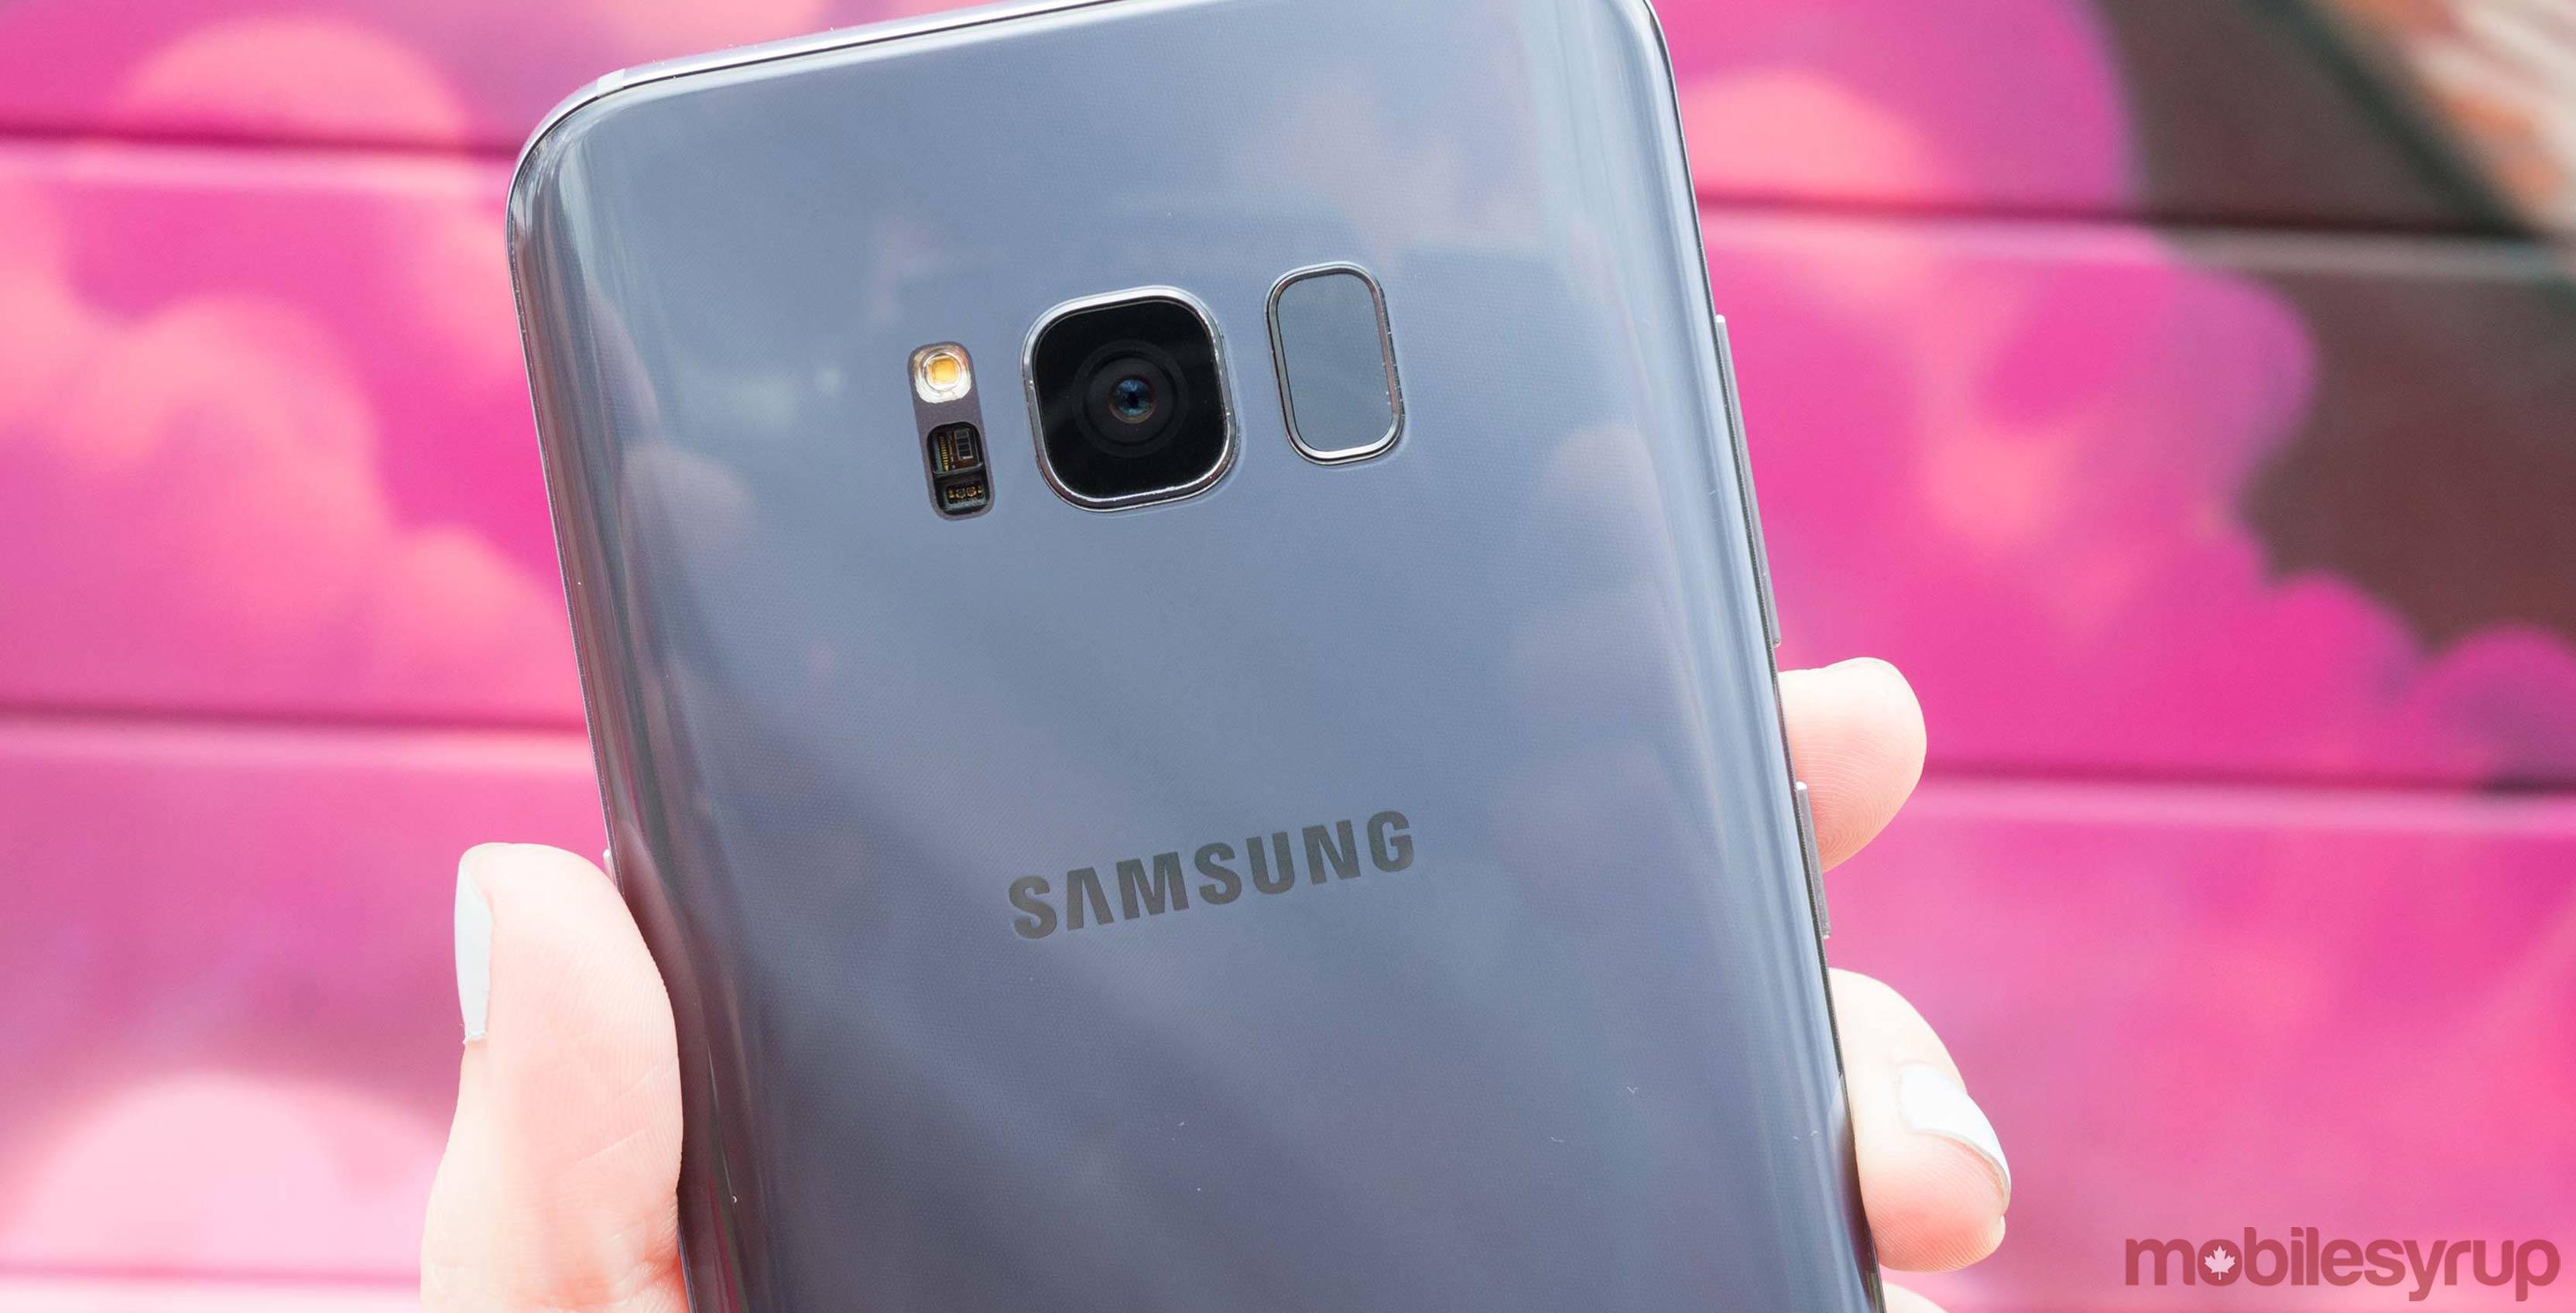 Samsung Galaxy S8 camera header